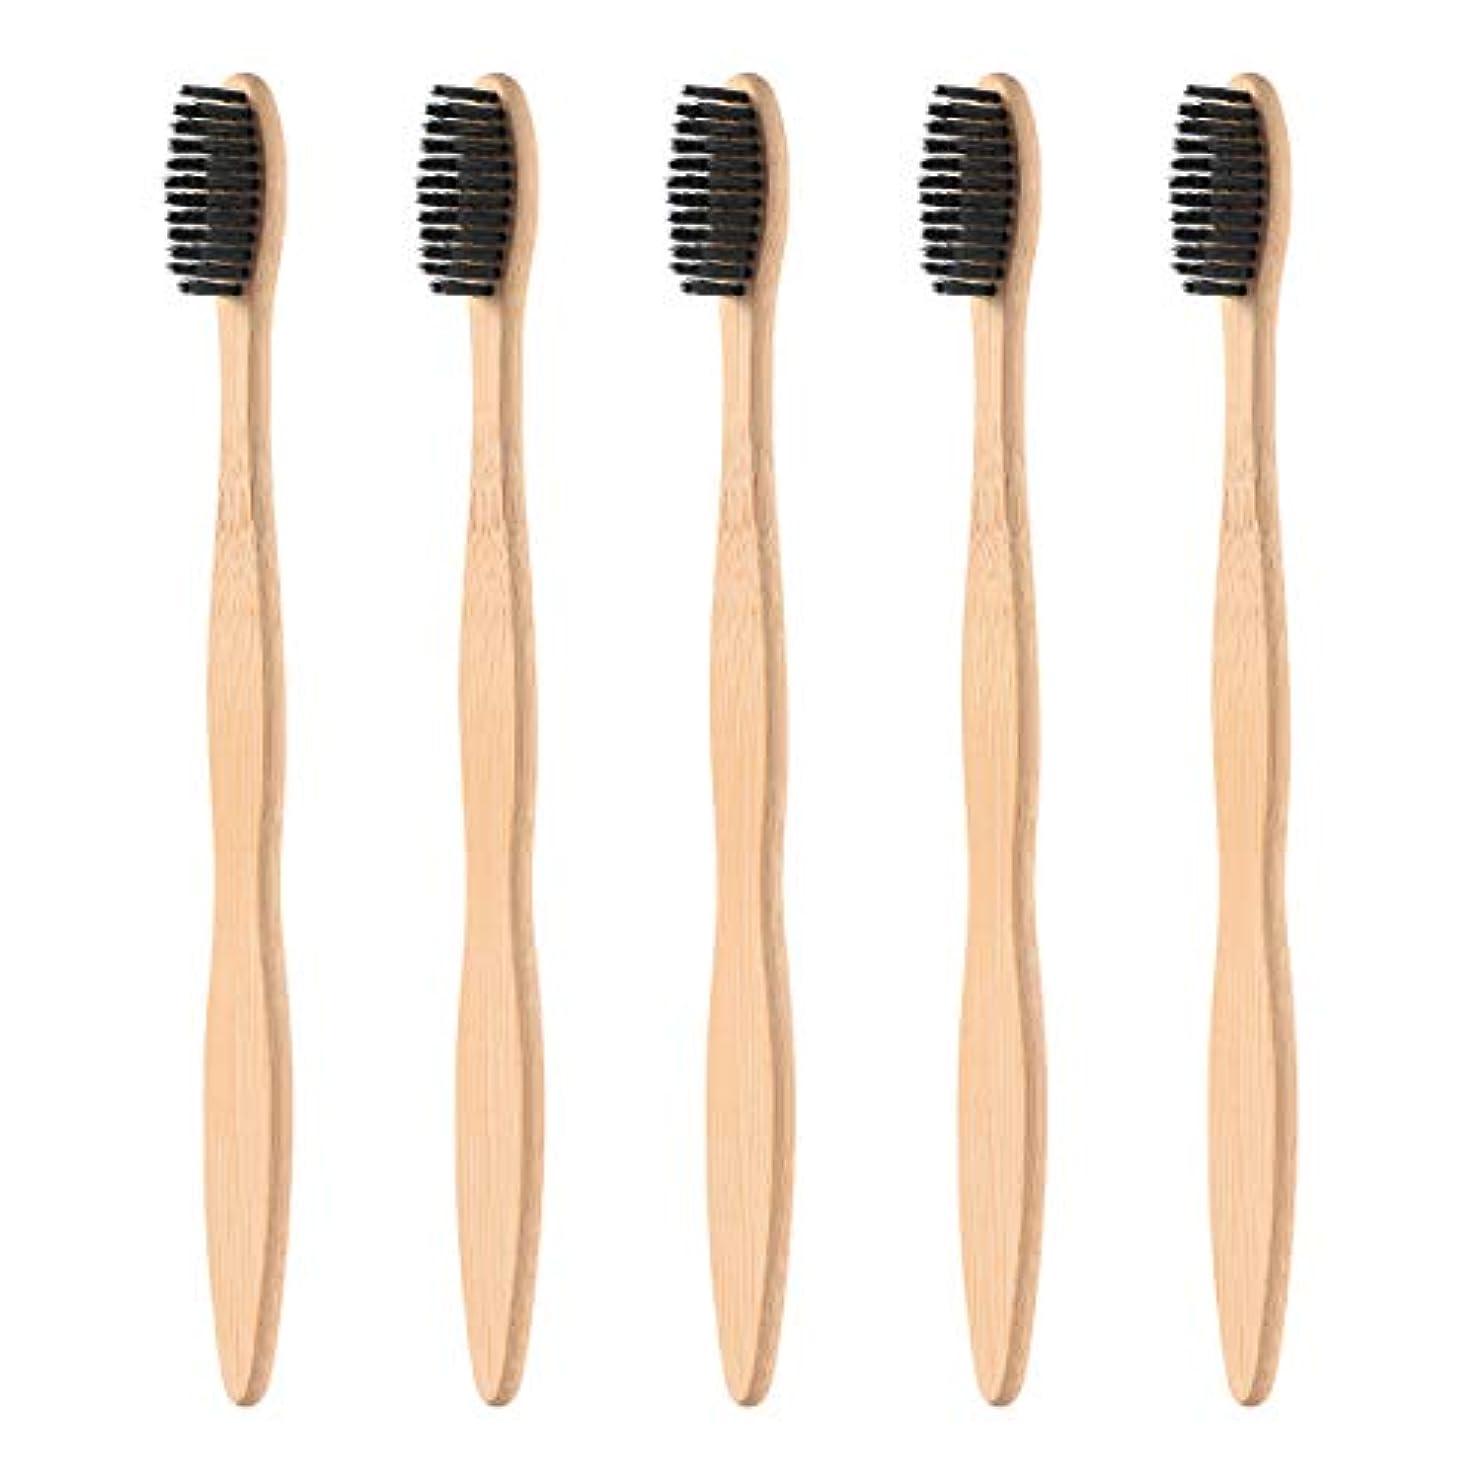 頻繁に比率納税者Healifty タケ環境的に歯ブラシ5pcsは柔らかい黒い剛毛が付いている自然な木のEcoの友好的な歯ブラシを扱います